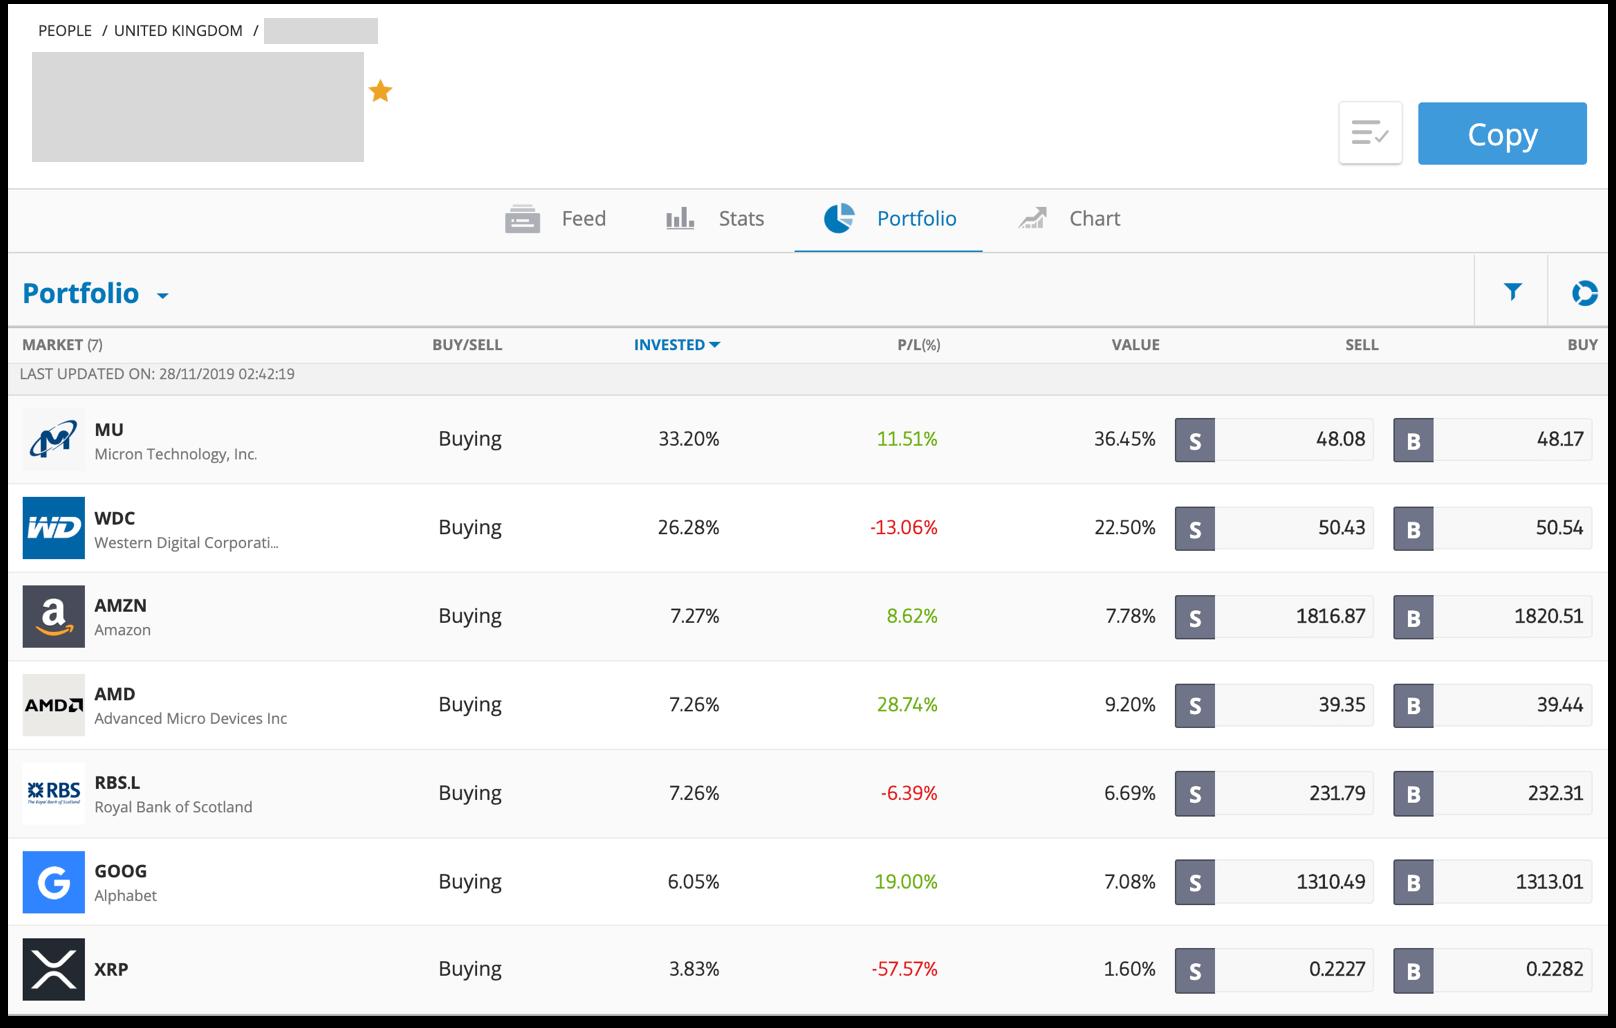 eToro's copy trader portfolio section